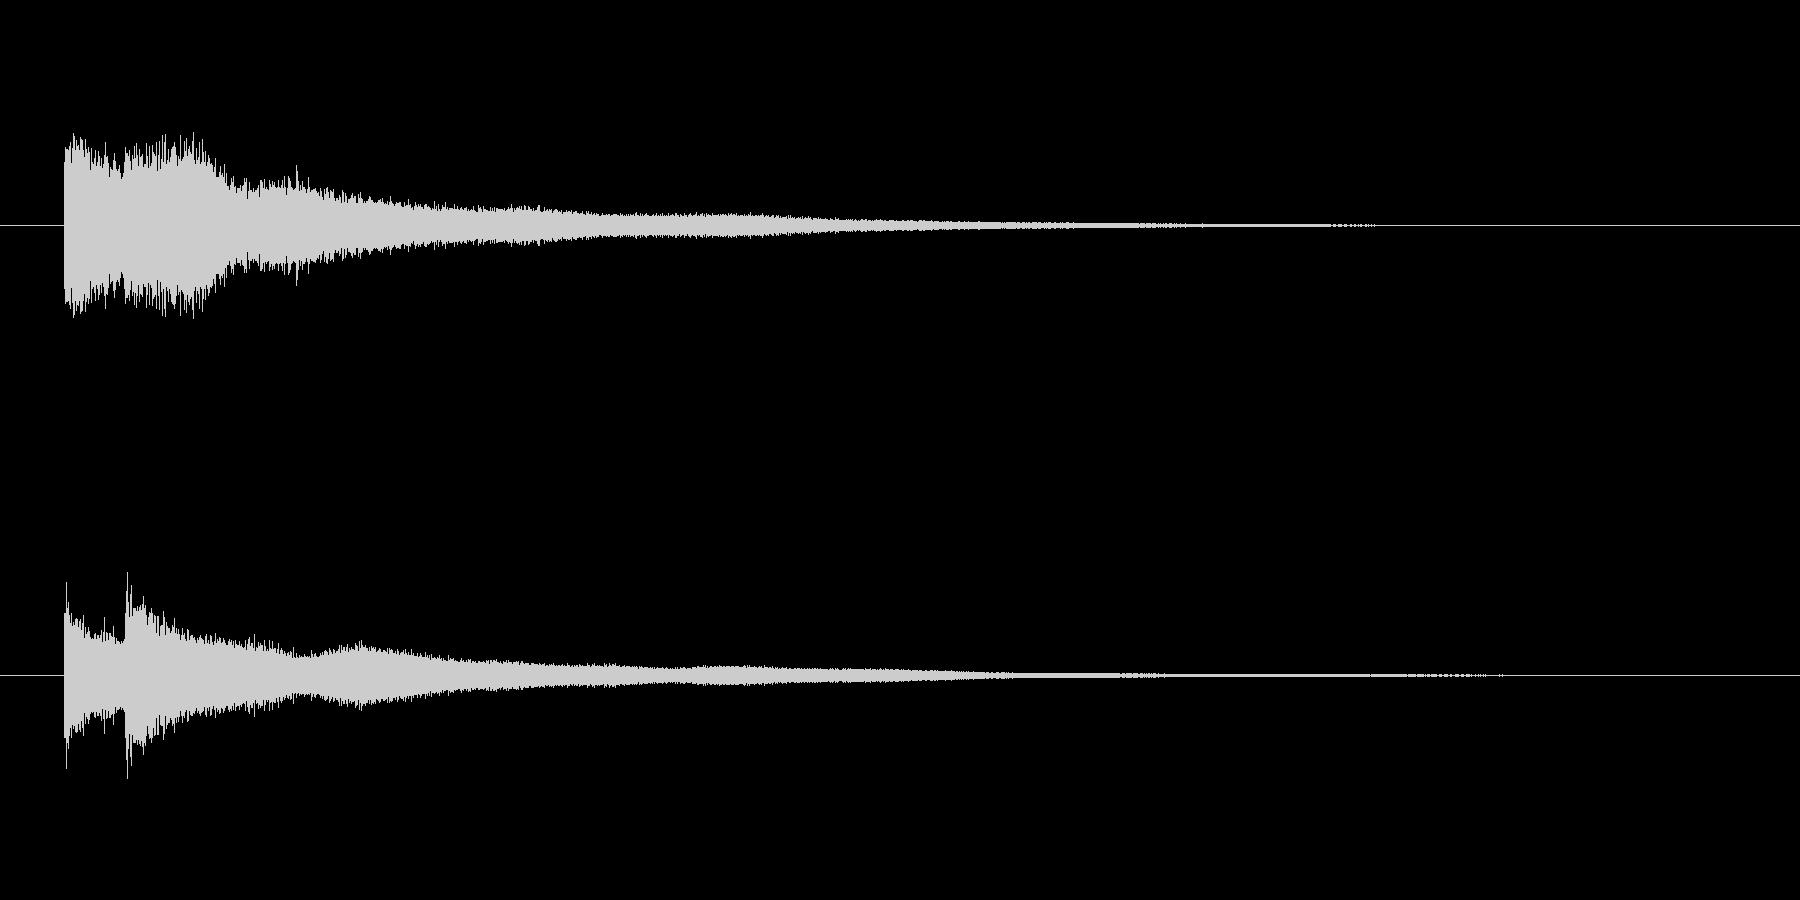 チンチーン 映像のワンポイント等にの未再生の波形